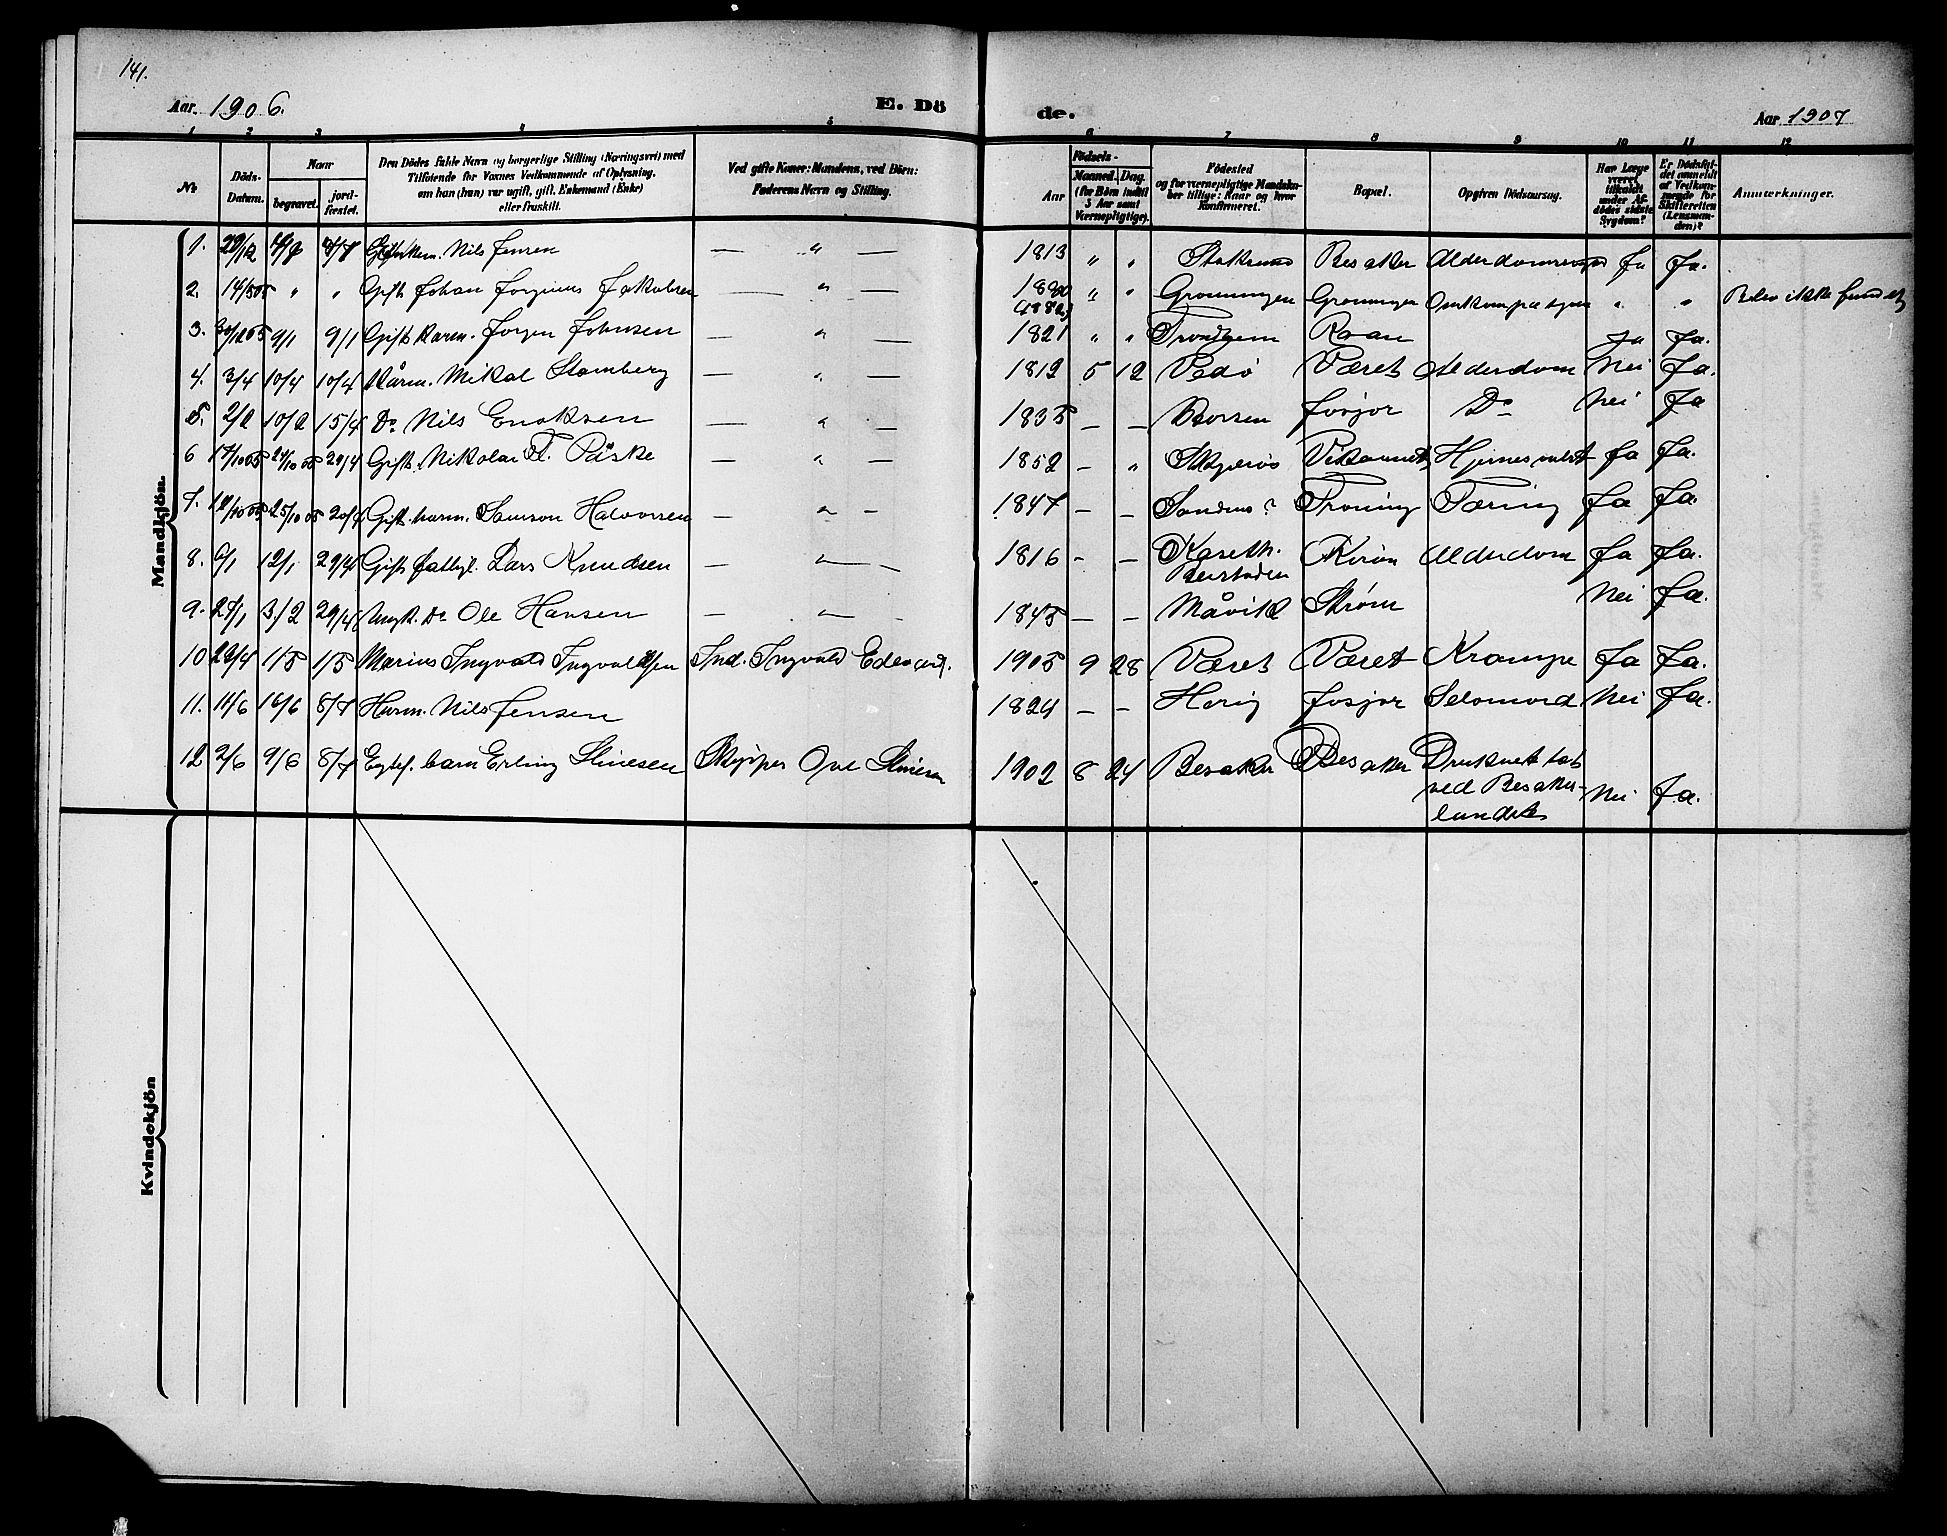 SAT, Ministerialprotokoller, klokkerbøker og fødselsregistre - Sør-Trøndelag, 657/L0717: Klokkerbok nr. 657C04, 1904-1923, s. 141